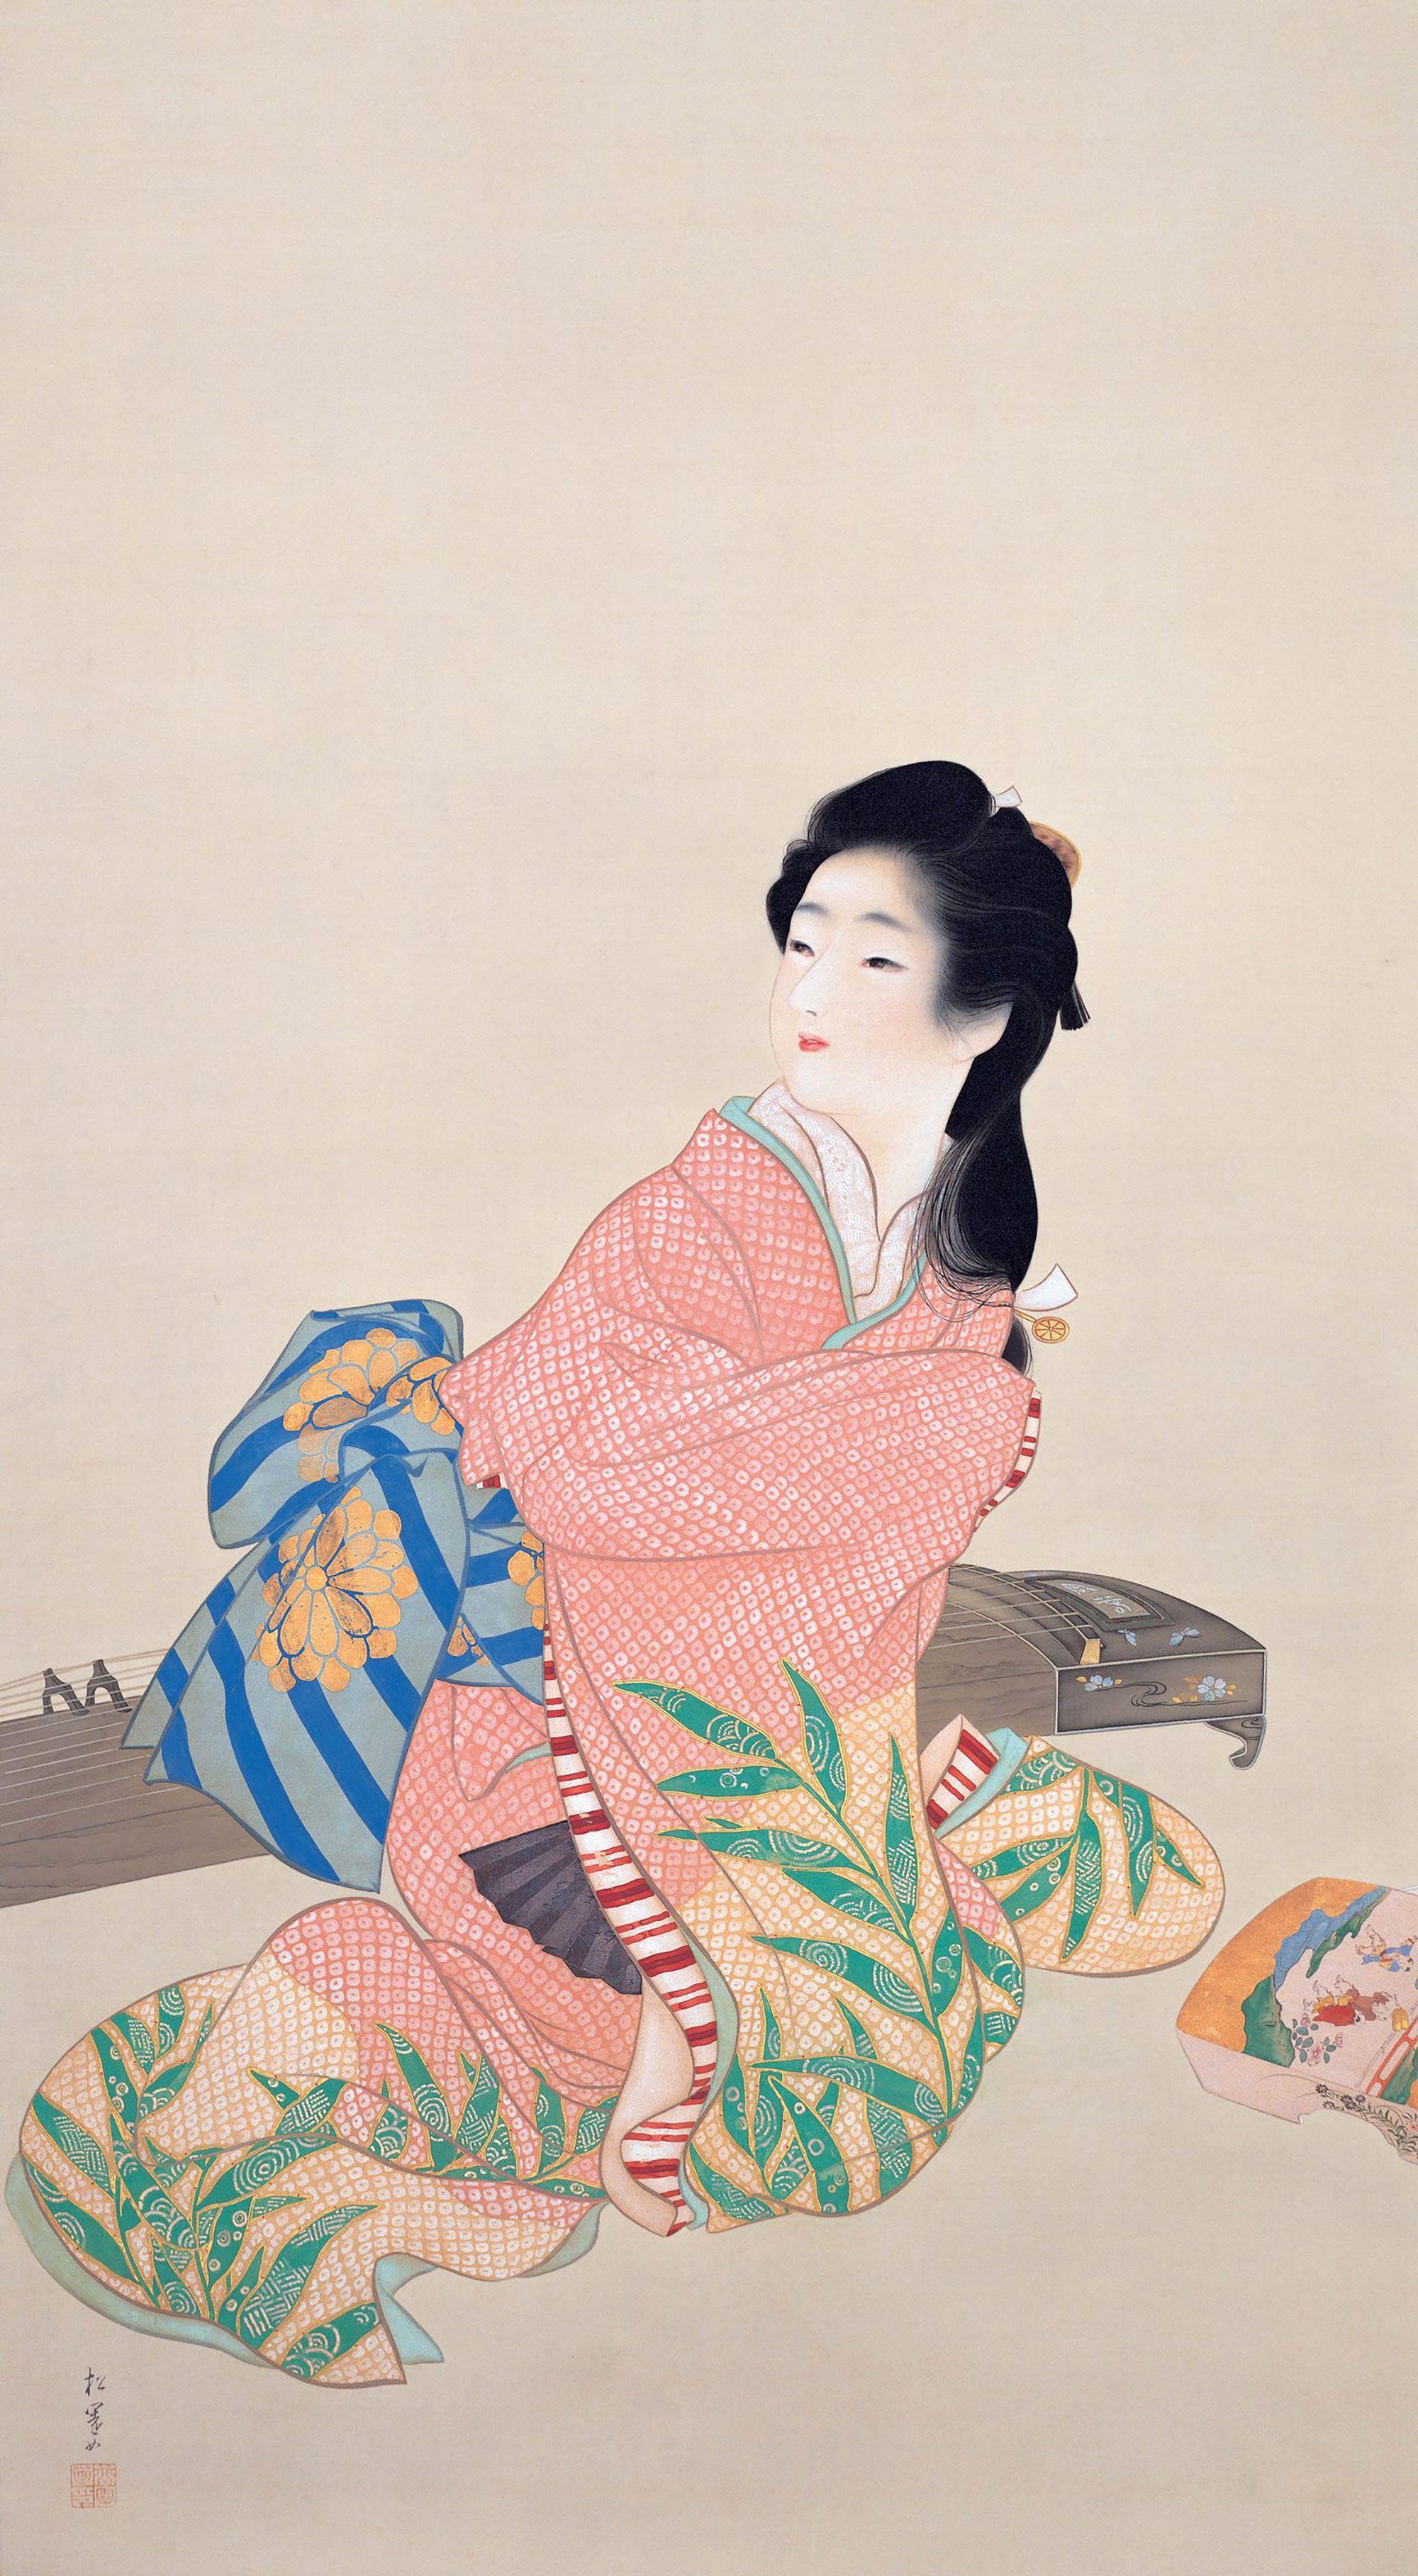 """""""Musume Miyuki (Young Girl Named Miyuki)"""" by Shoen Uemura, 1914, Adachi Museum Collection"""